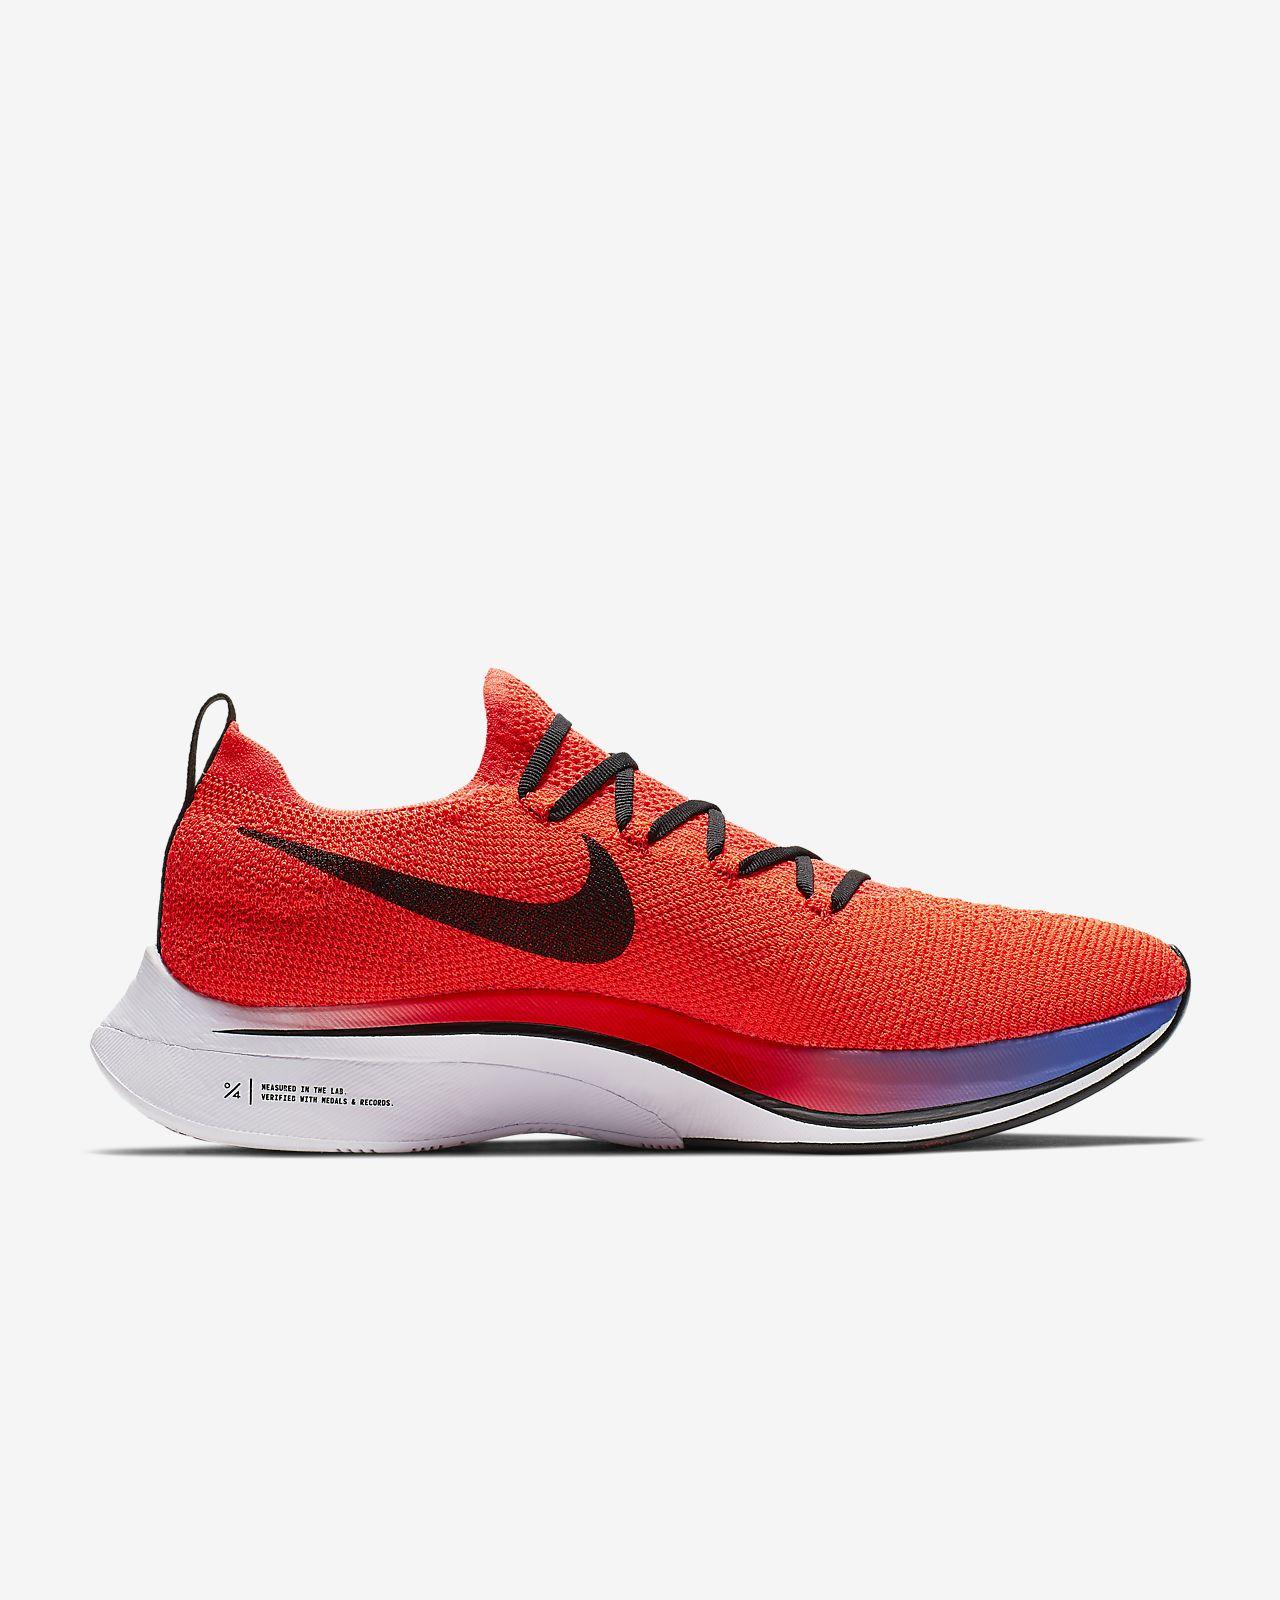 meilleure sélection 6e602 afdc0 Chaussure de running Nike Vaporfly 4% Flyknit